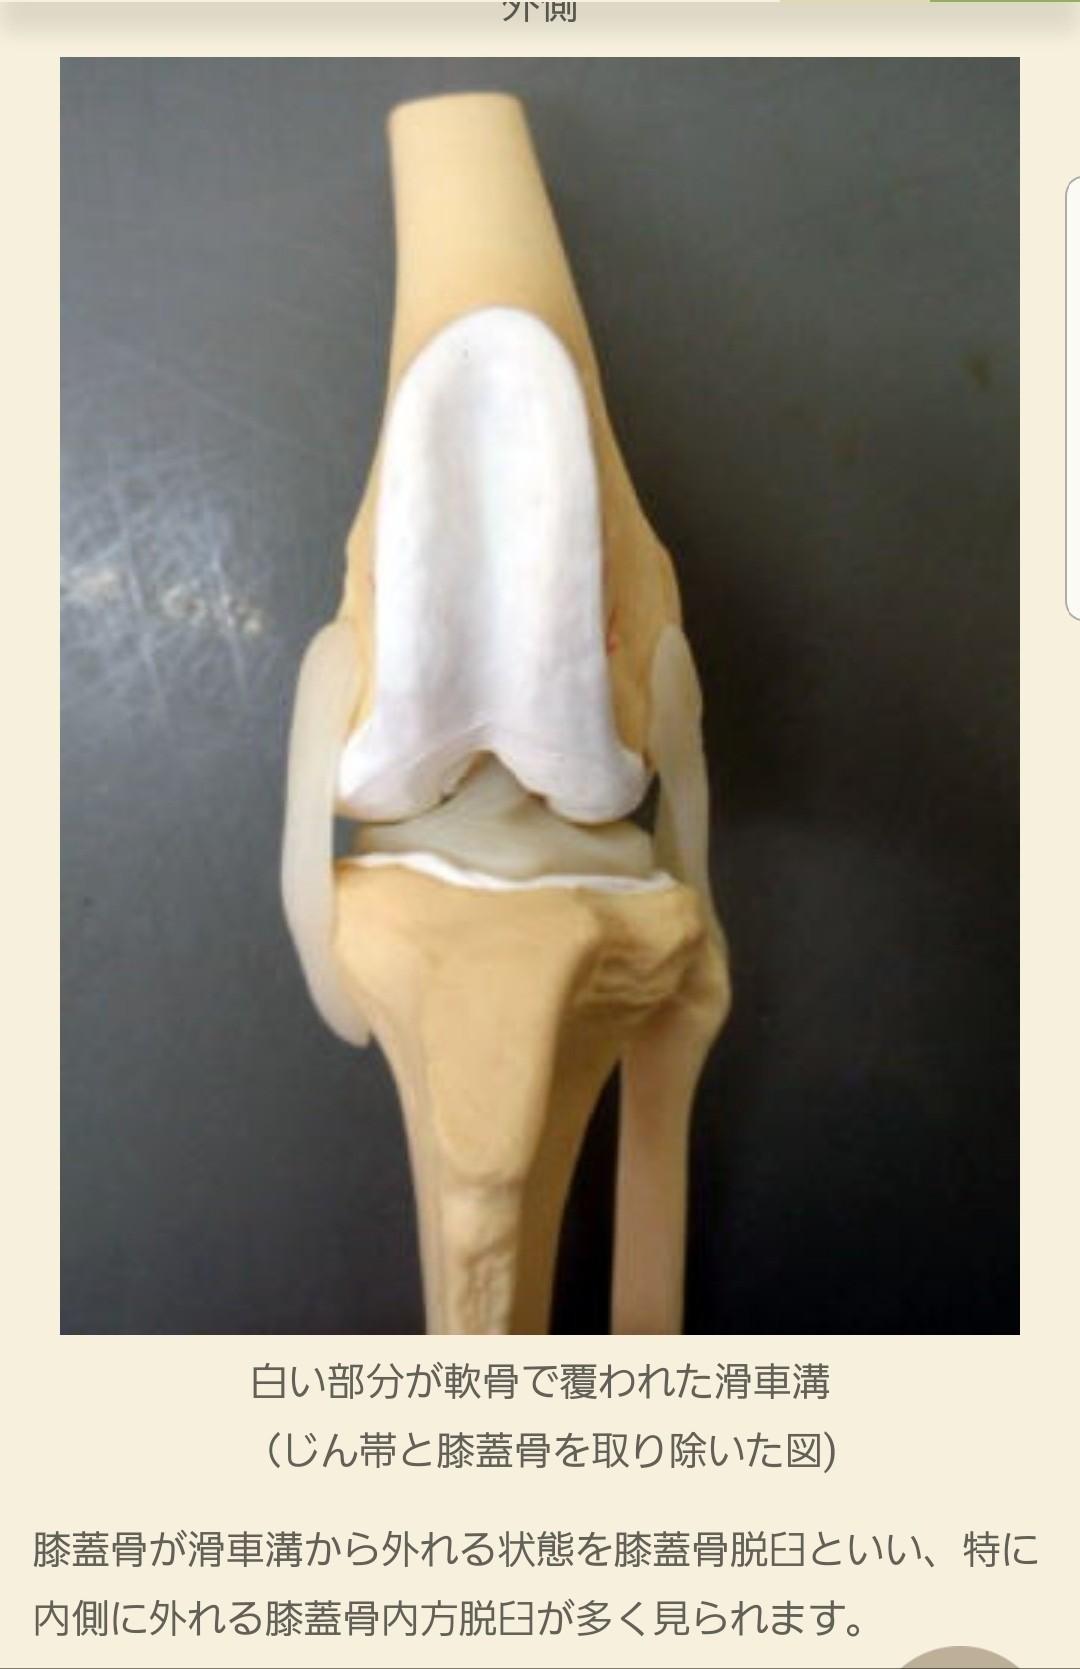 膝蓋骨脱臼,パテラ,愛犬,犬の病気,関節の痛み,老犬,ペット,小型犬